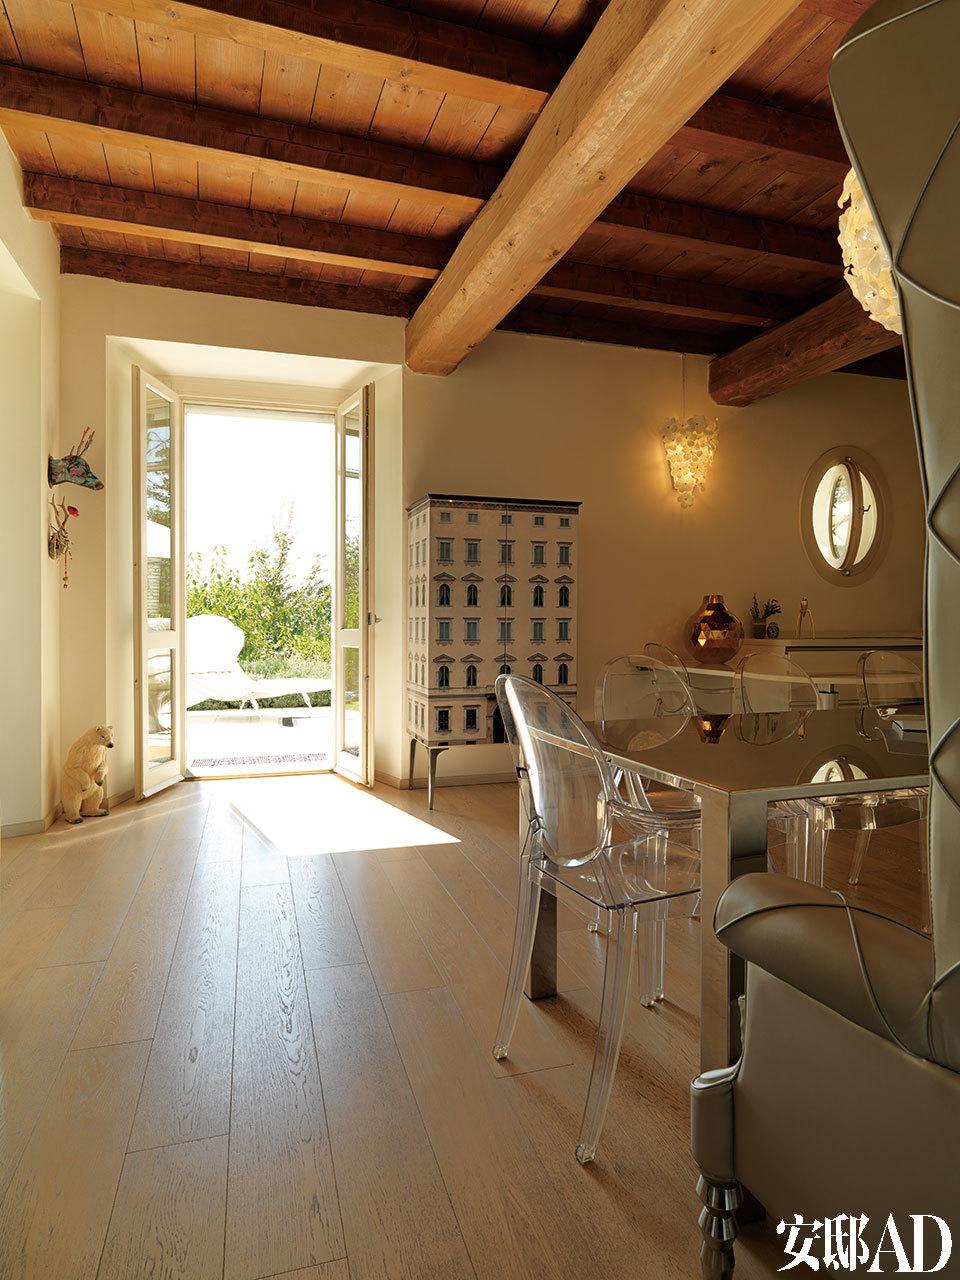 厨房拥有通向花园的对开门,门旁的Palazzo Ducale橱柜由Alessandro La Spada和Samuele Mazza设计,来自Visionnaire。